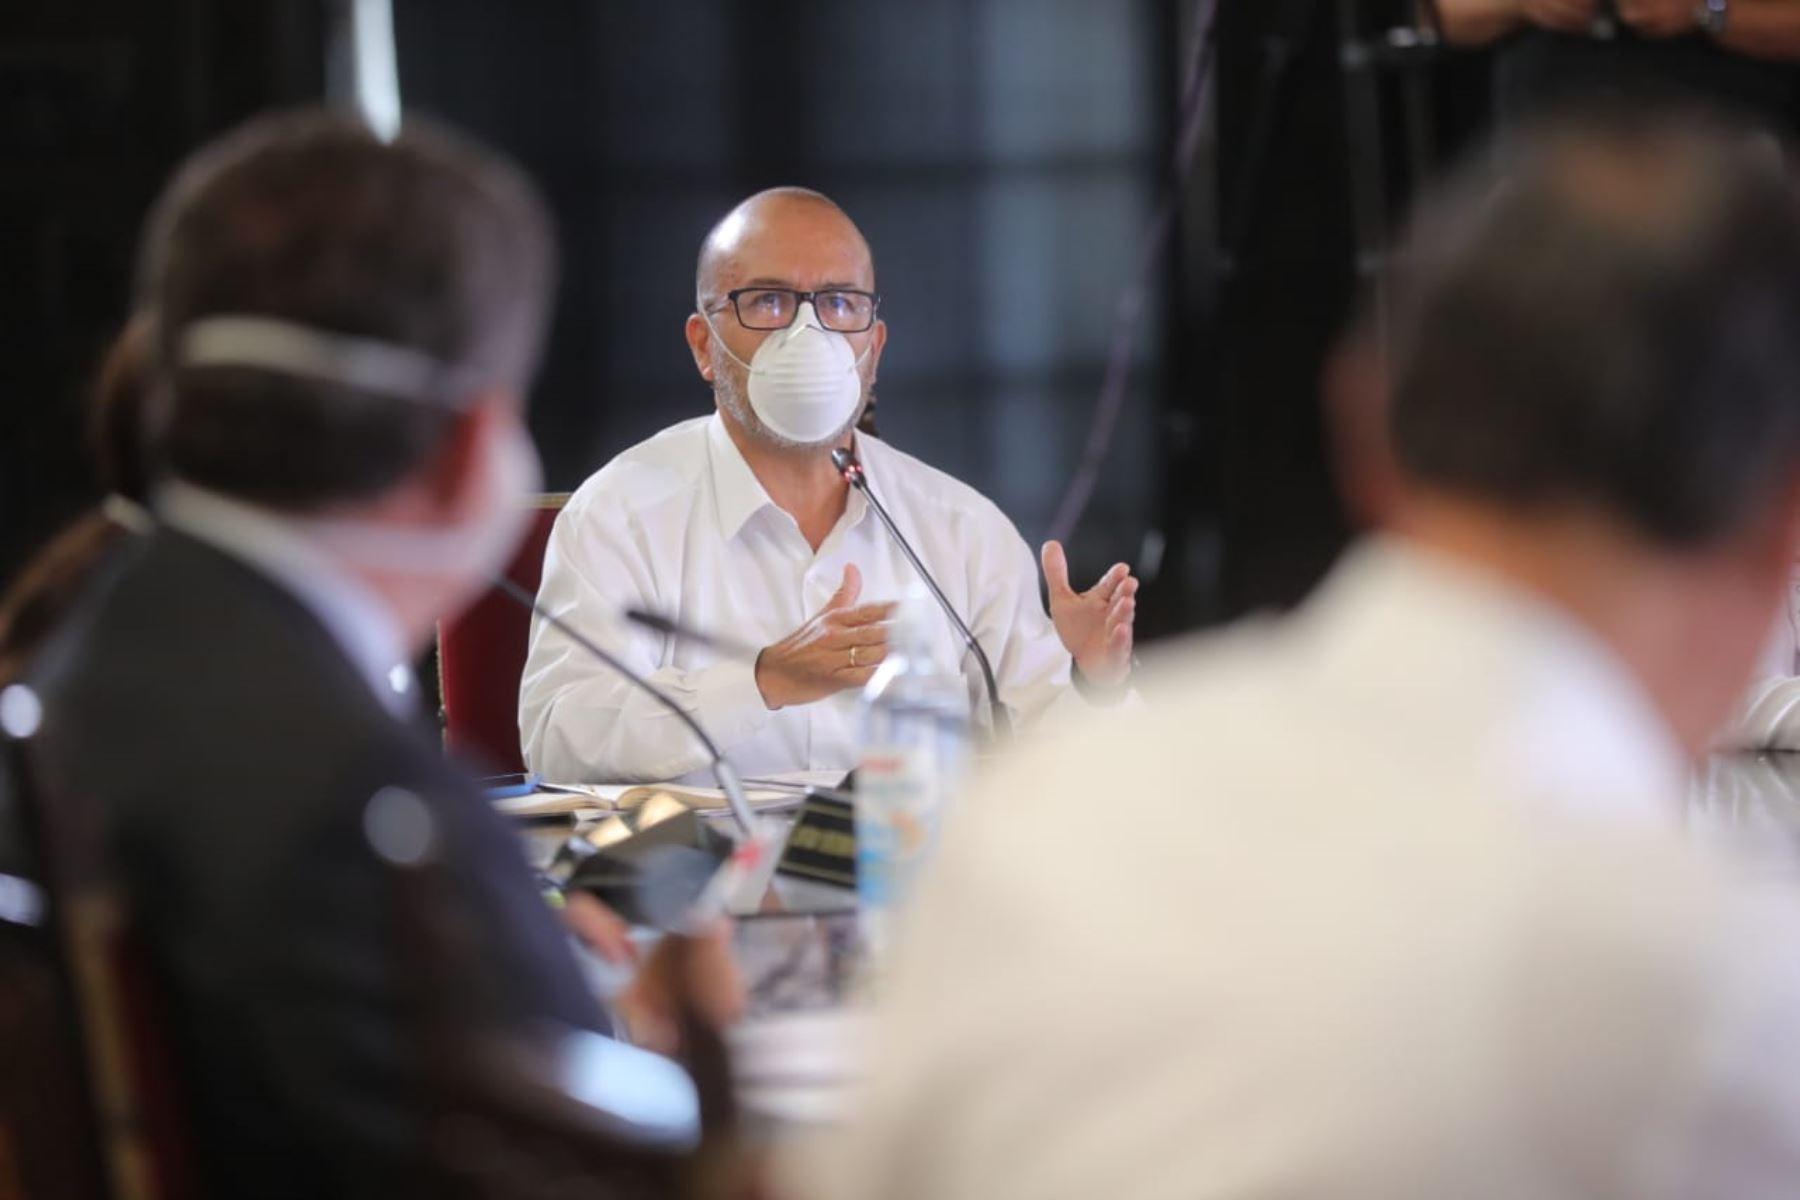 El Ministro de Salud Victor Zamora informó las medidas y acciones que está implementando su sector, frente al estado de emergencia nacional en el décimo día del estado de emergencia nacional. Foto: ANDINA/ Prensa Presidencia